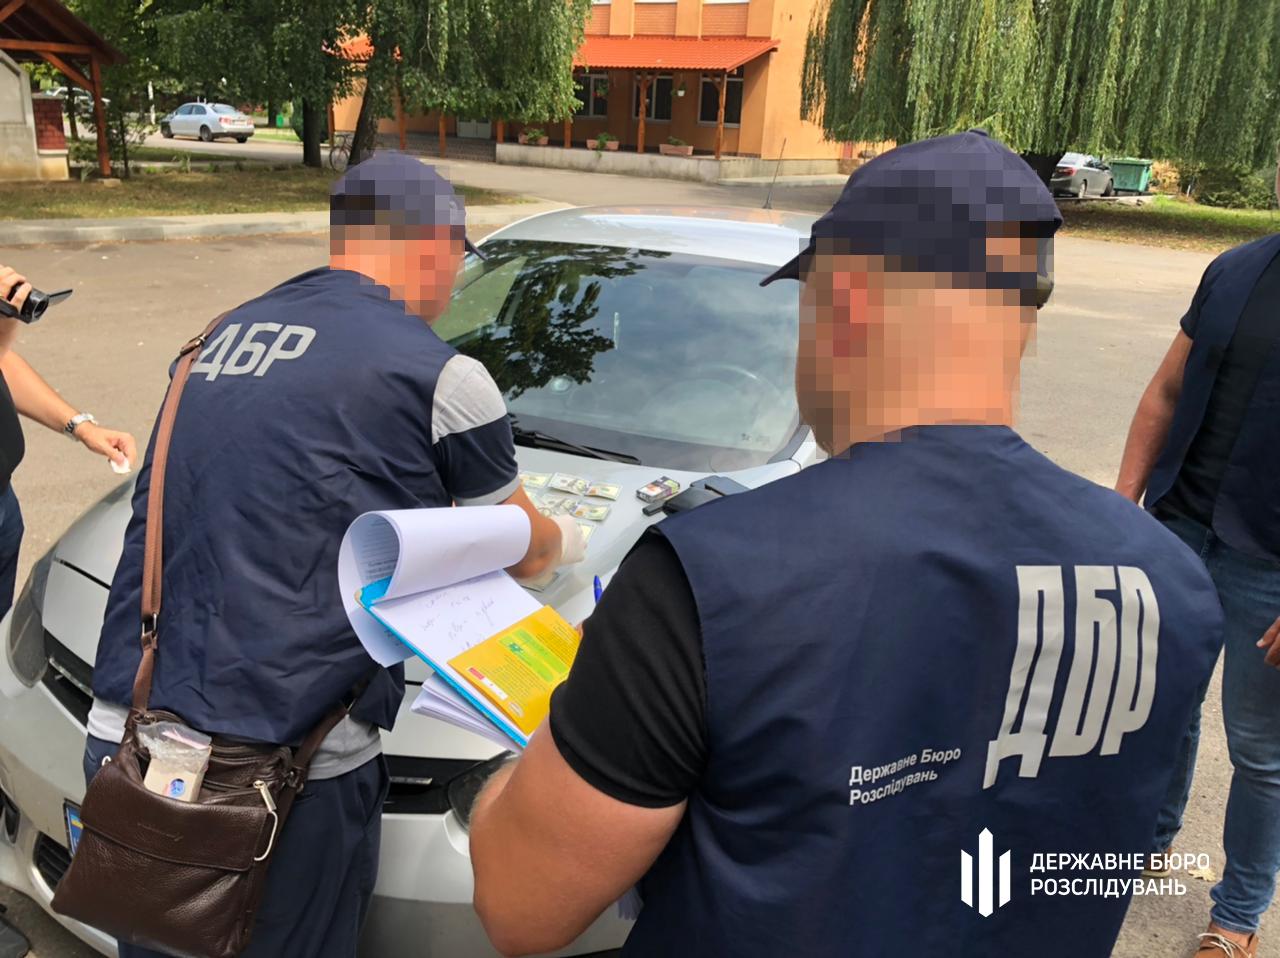 Повідомлено про підозру старшині одного із відділень Мукачівського прикордонного загону, який намагався організувати контрабандний канал цигарок до Європи.